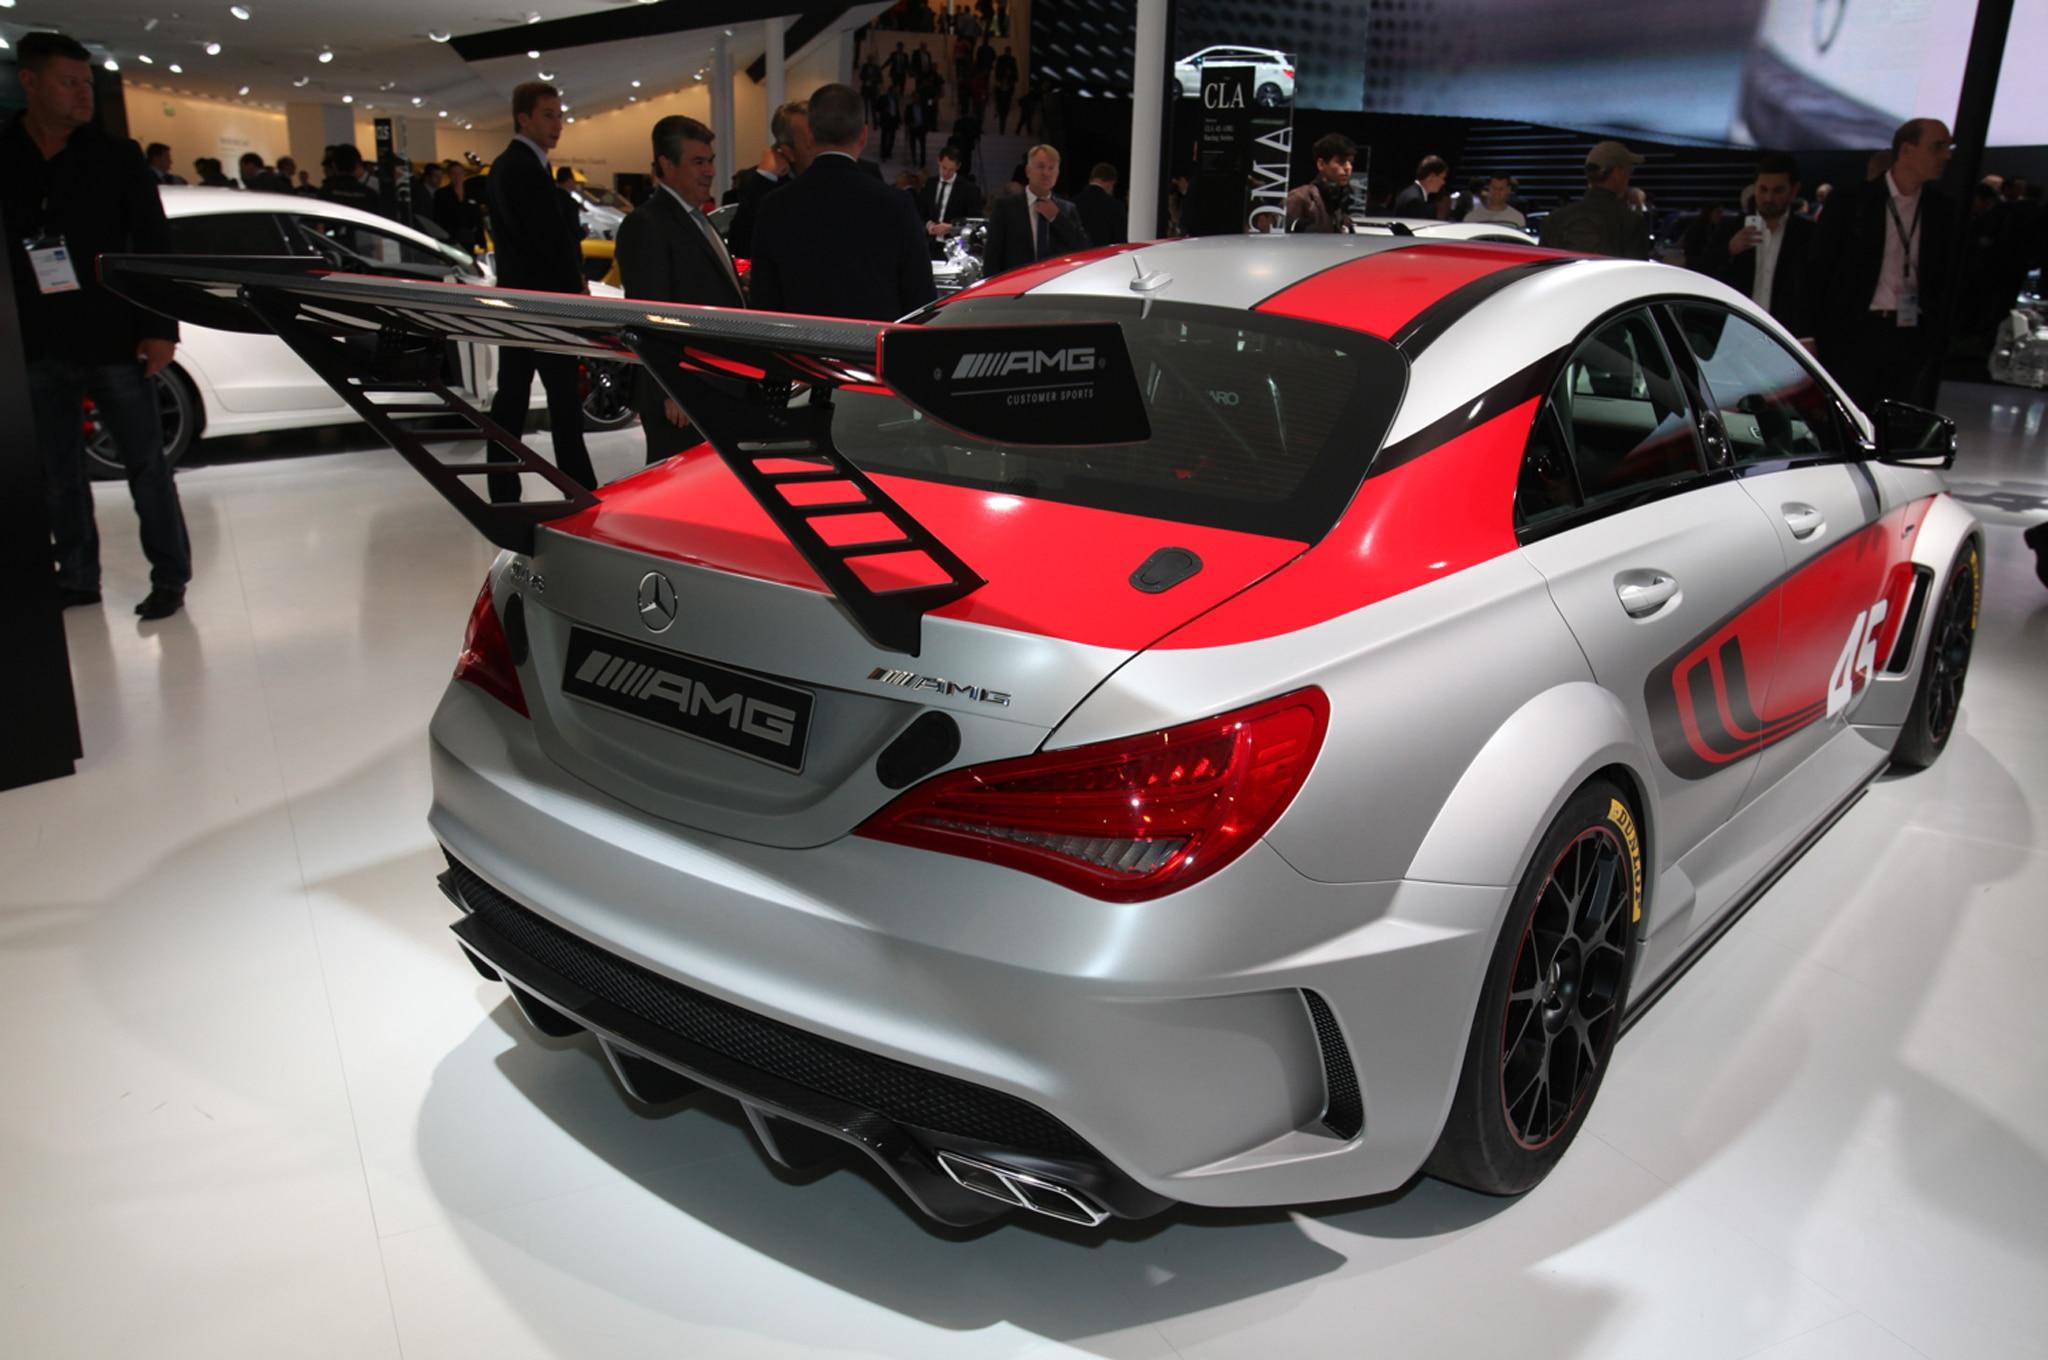 Mercedes-Benz Reveals CLA45 AMG Racing Series Concept